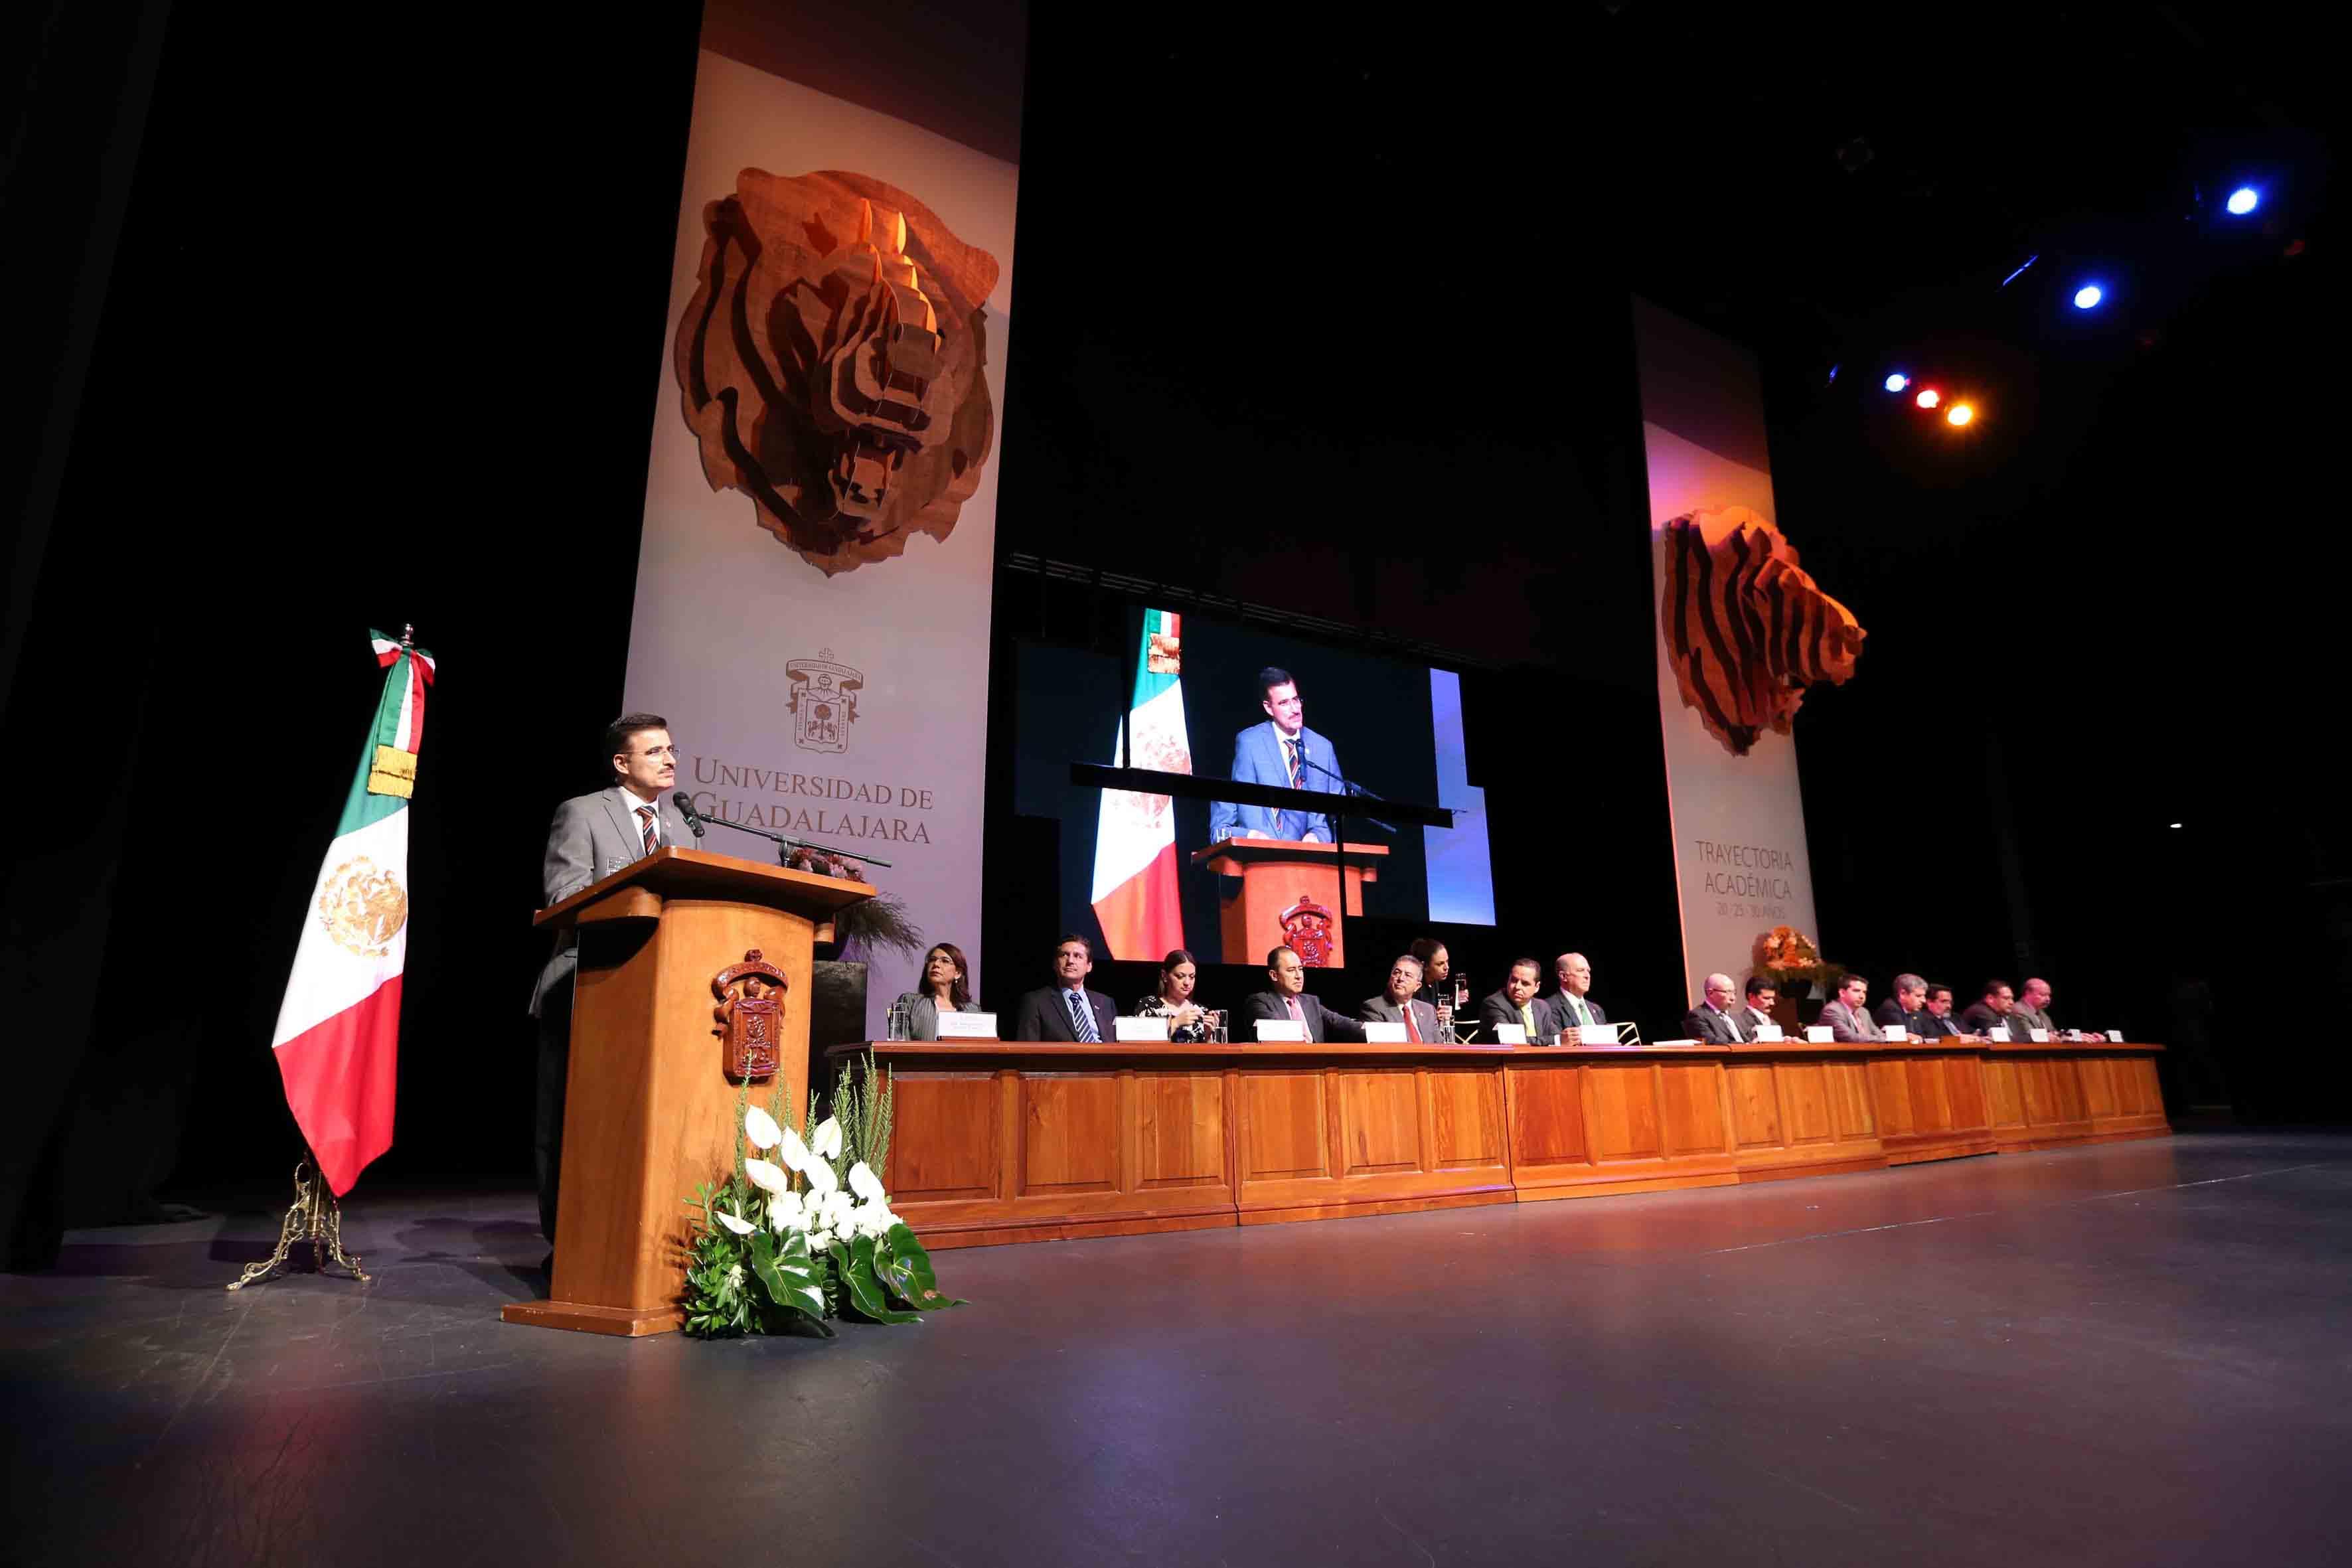 El maestro Itzcóatl Tonatiuh Bravo Padilla, Rector General de la Universidad de Guadalajara  y miembros de presidium